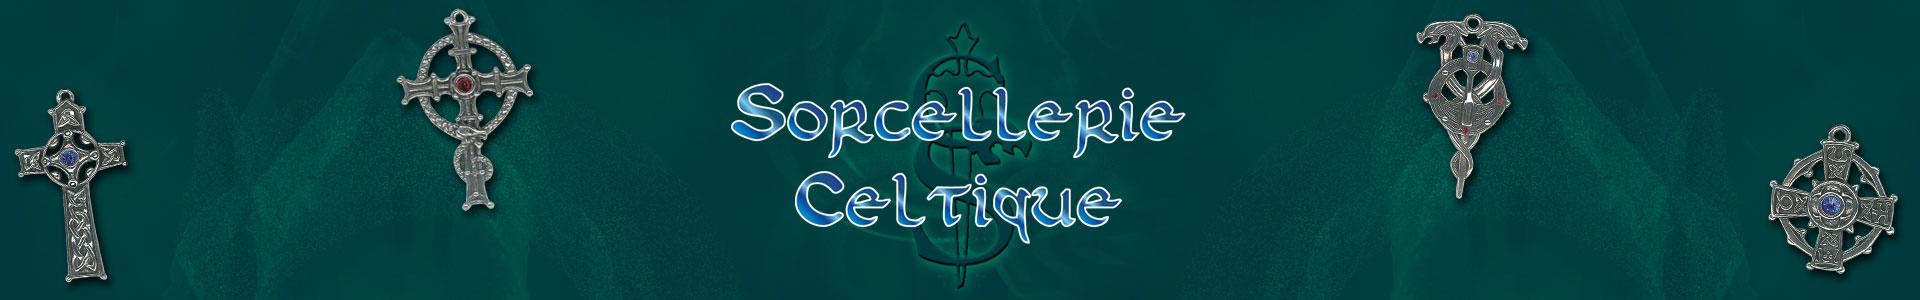 Sorcellerie Celtique